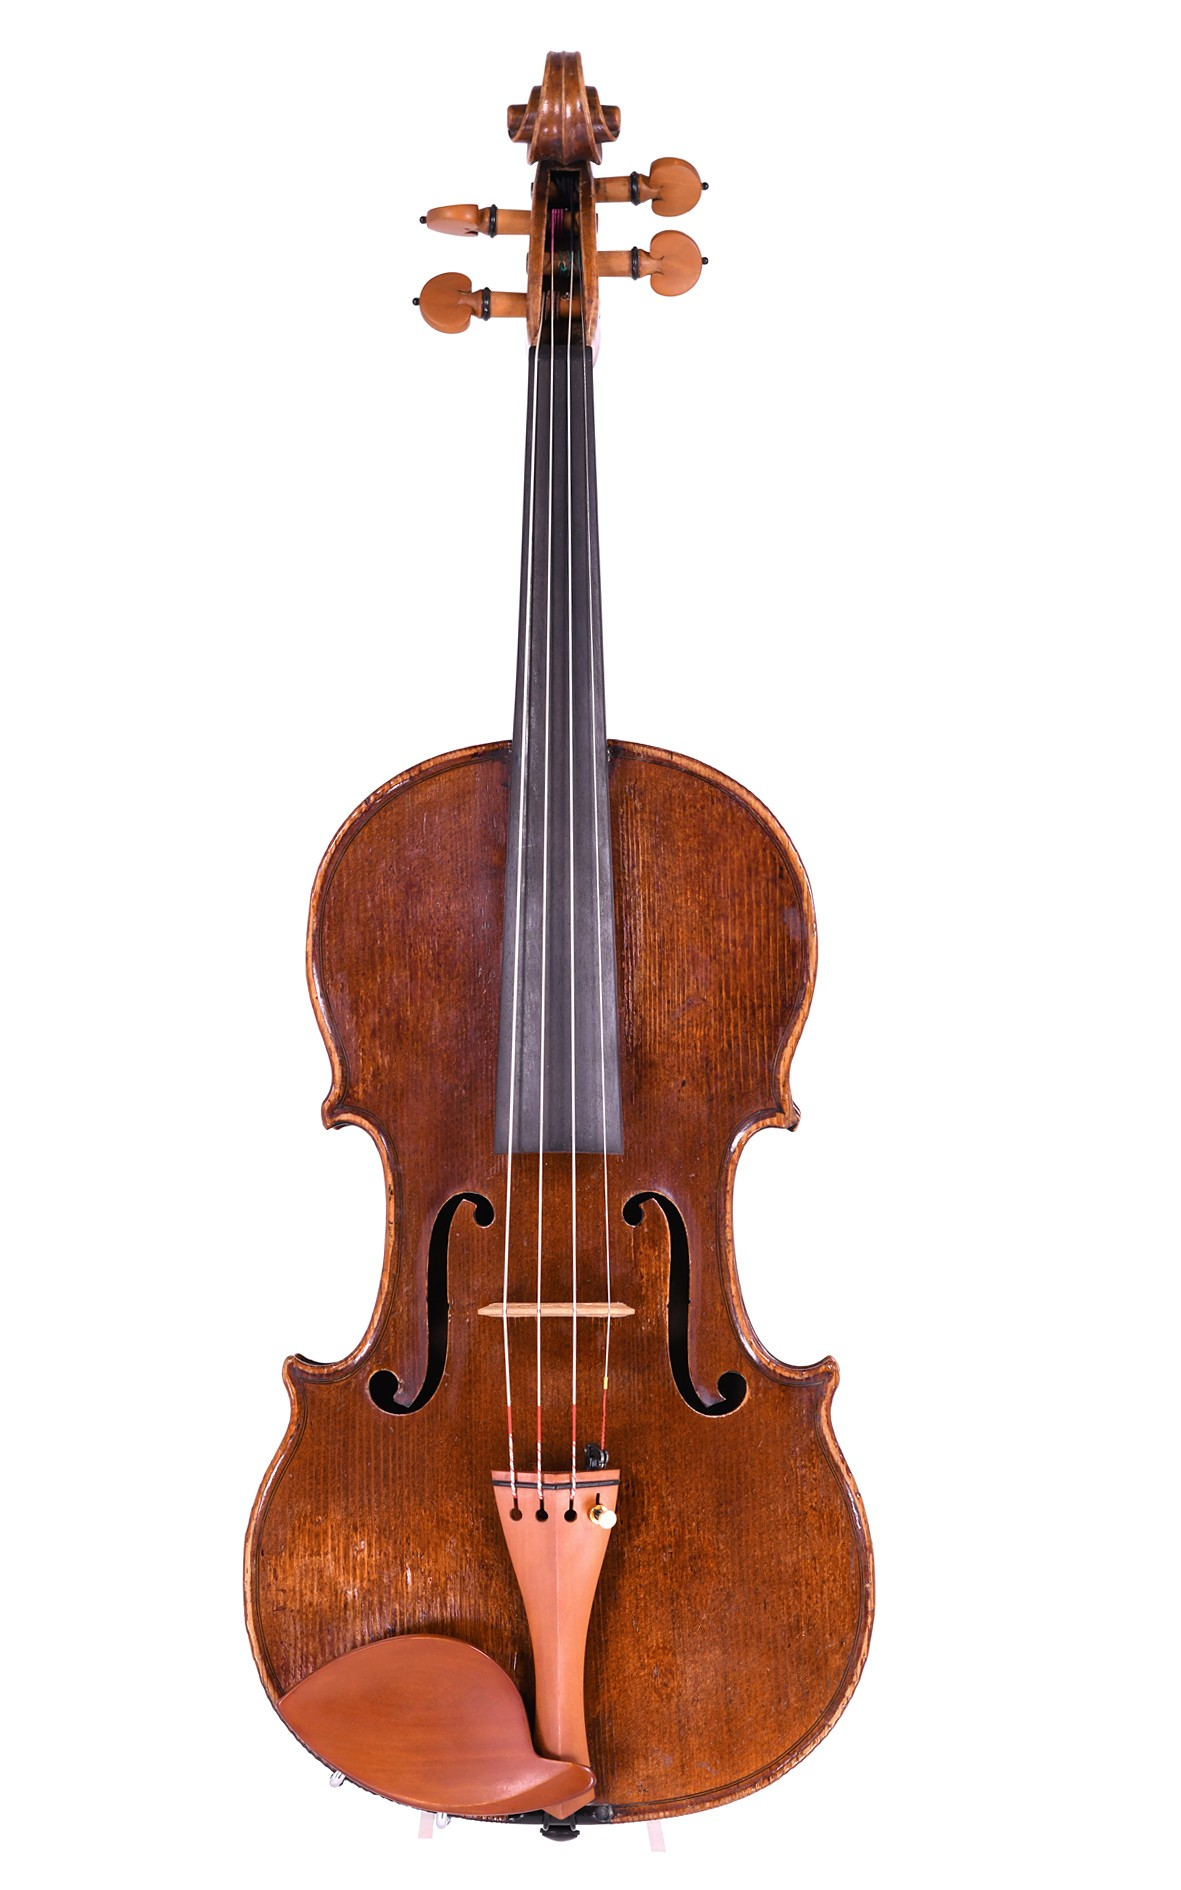 Didier Nicolas (L'Ainé), Französische Geige, um 1820 - Decke